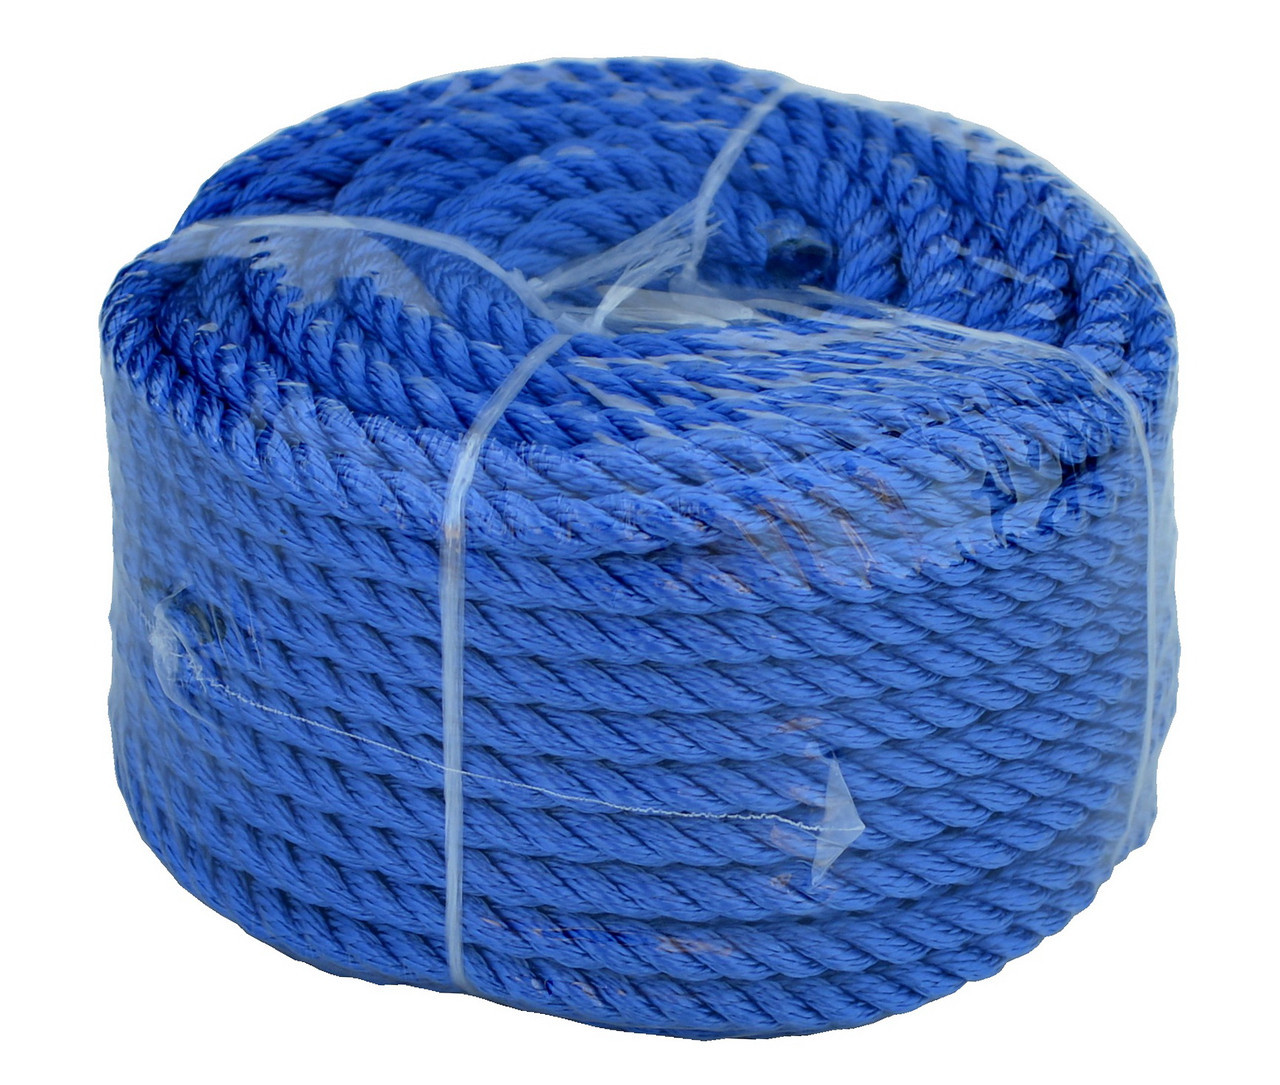 Веревка 30м 8мм синяя полиэстер универсальная